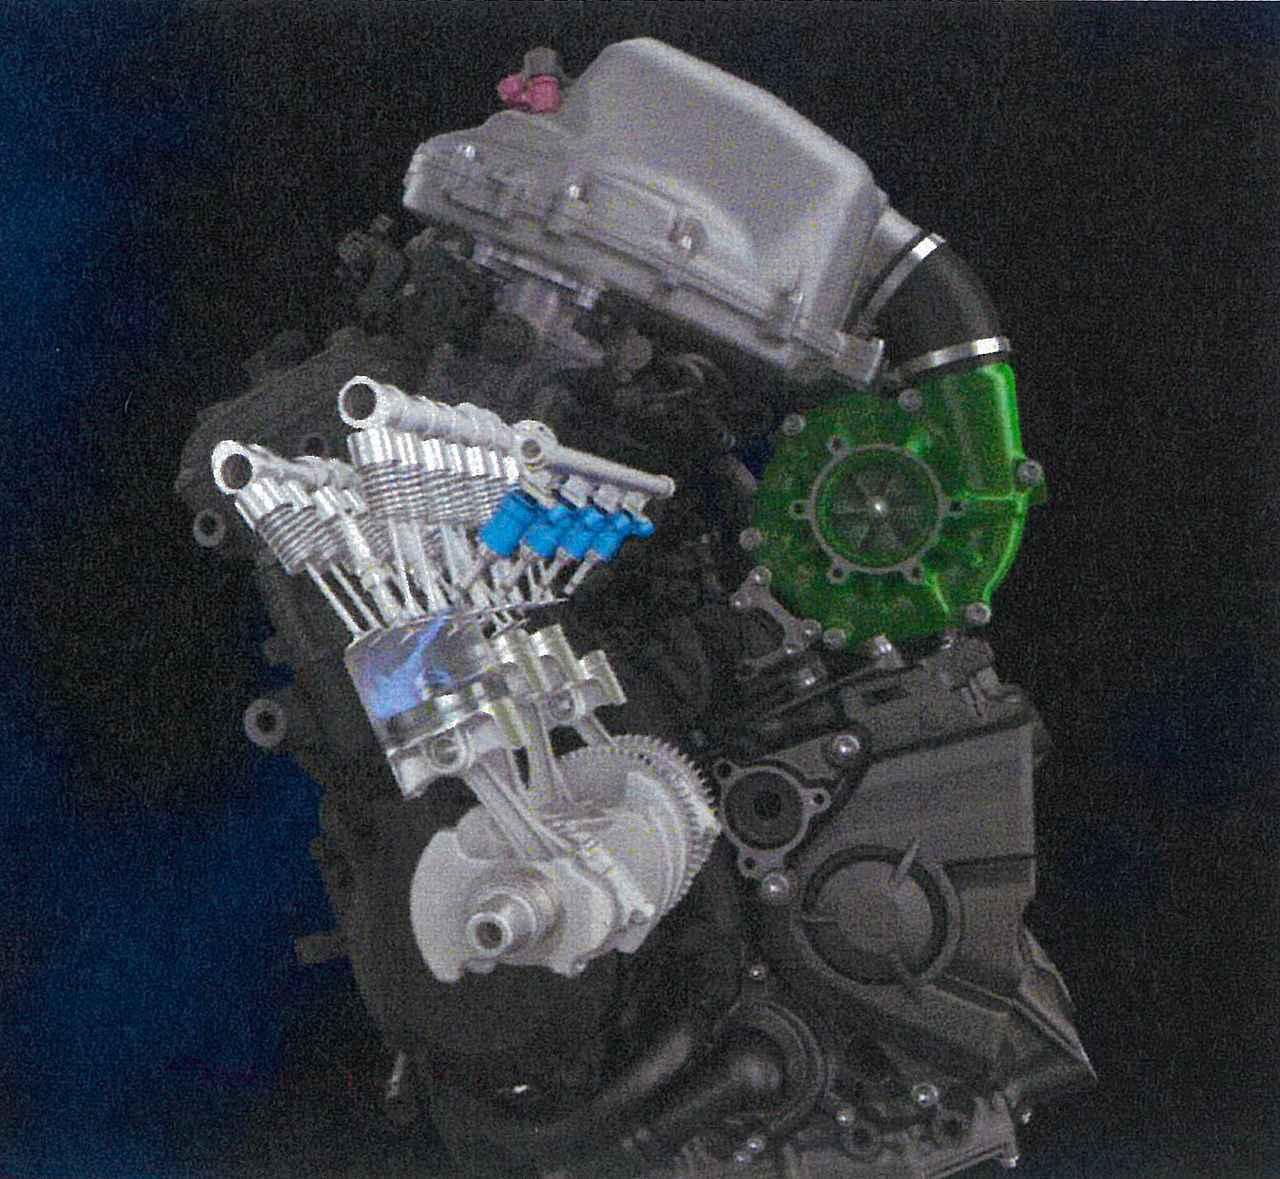 画像1: 水素時代に対応した水素エンジンも研究中!